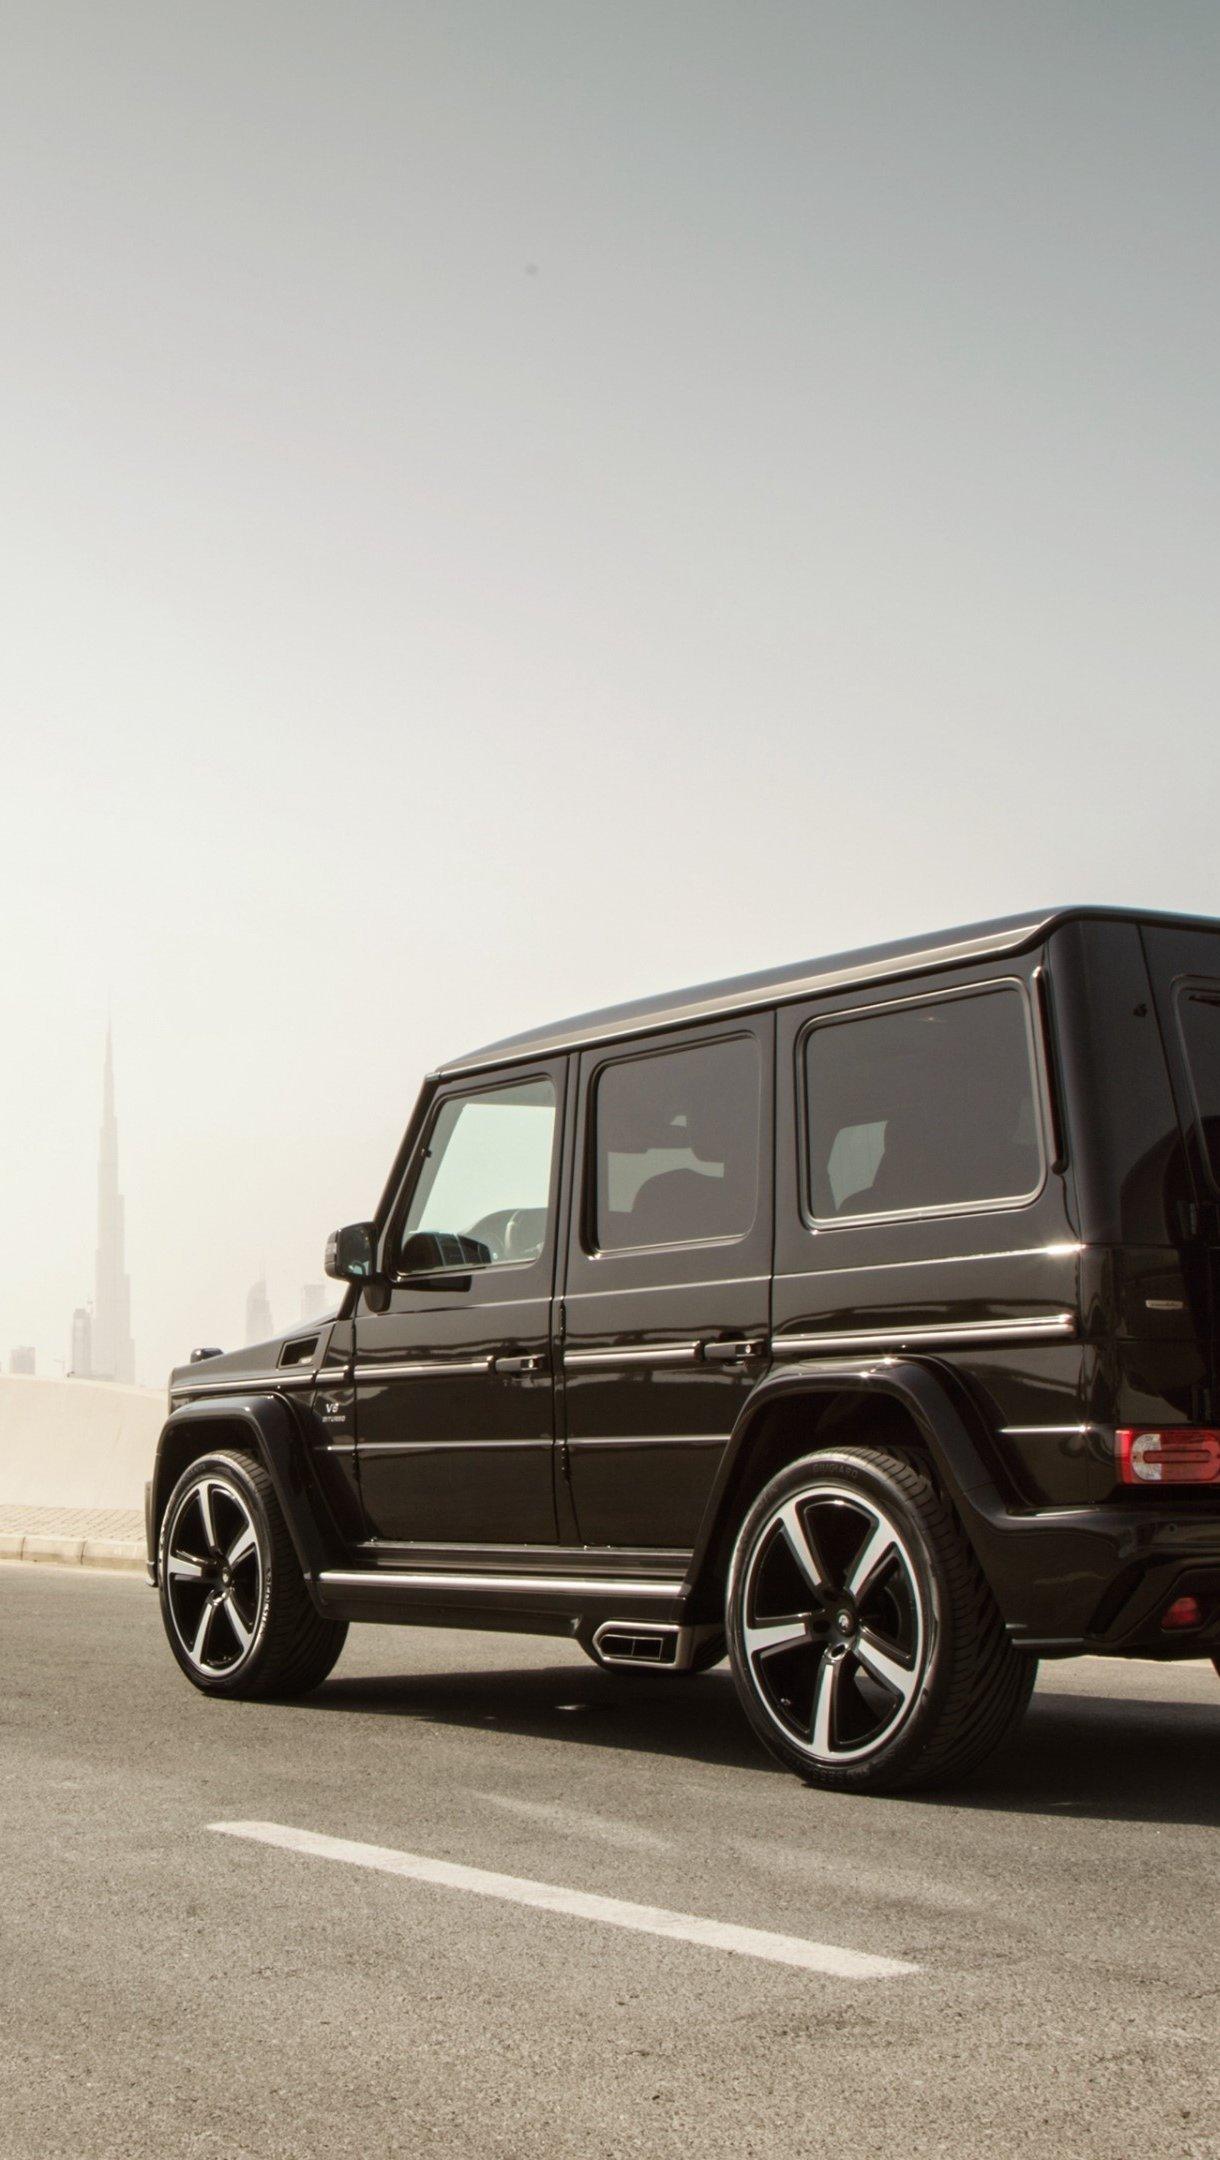 Fondos de pantalla Mercedes benz G Klasse W463 negro Vertical